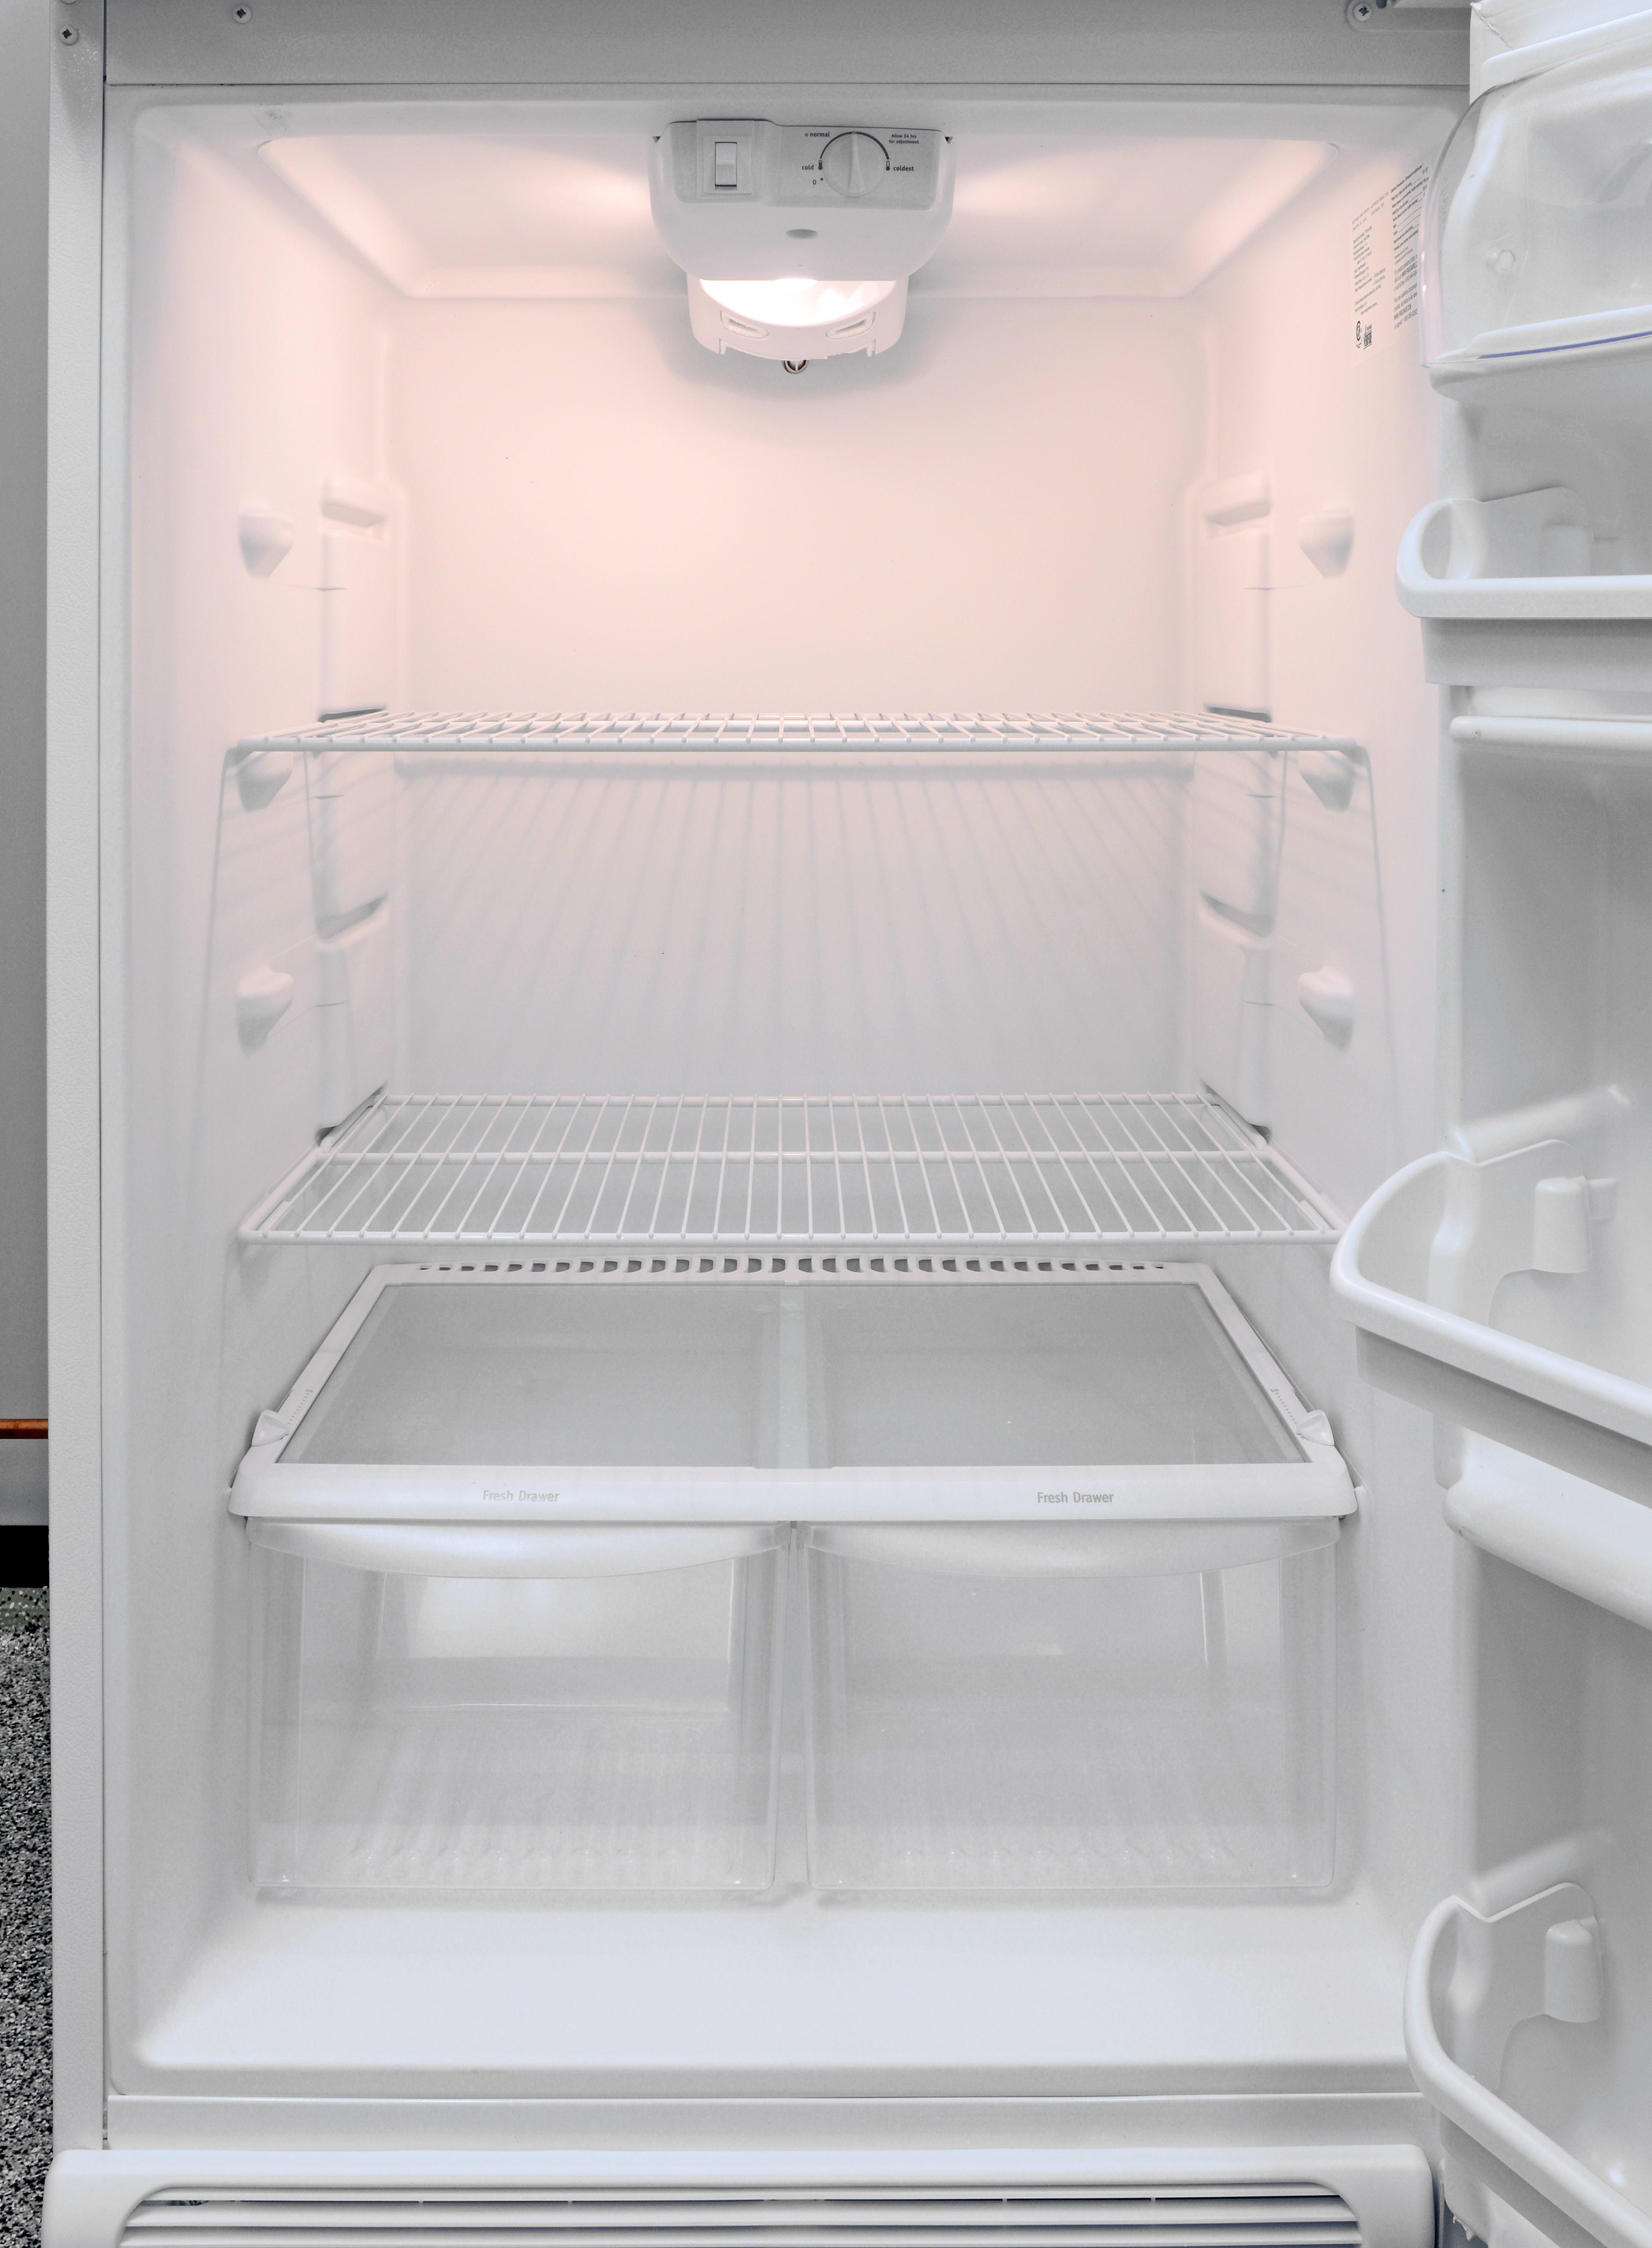 Frigidaire FFTR1814QW Refrigerator Review - Reviewed.com Refrigerators